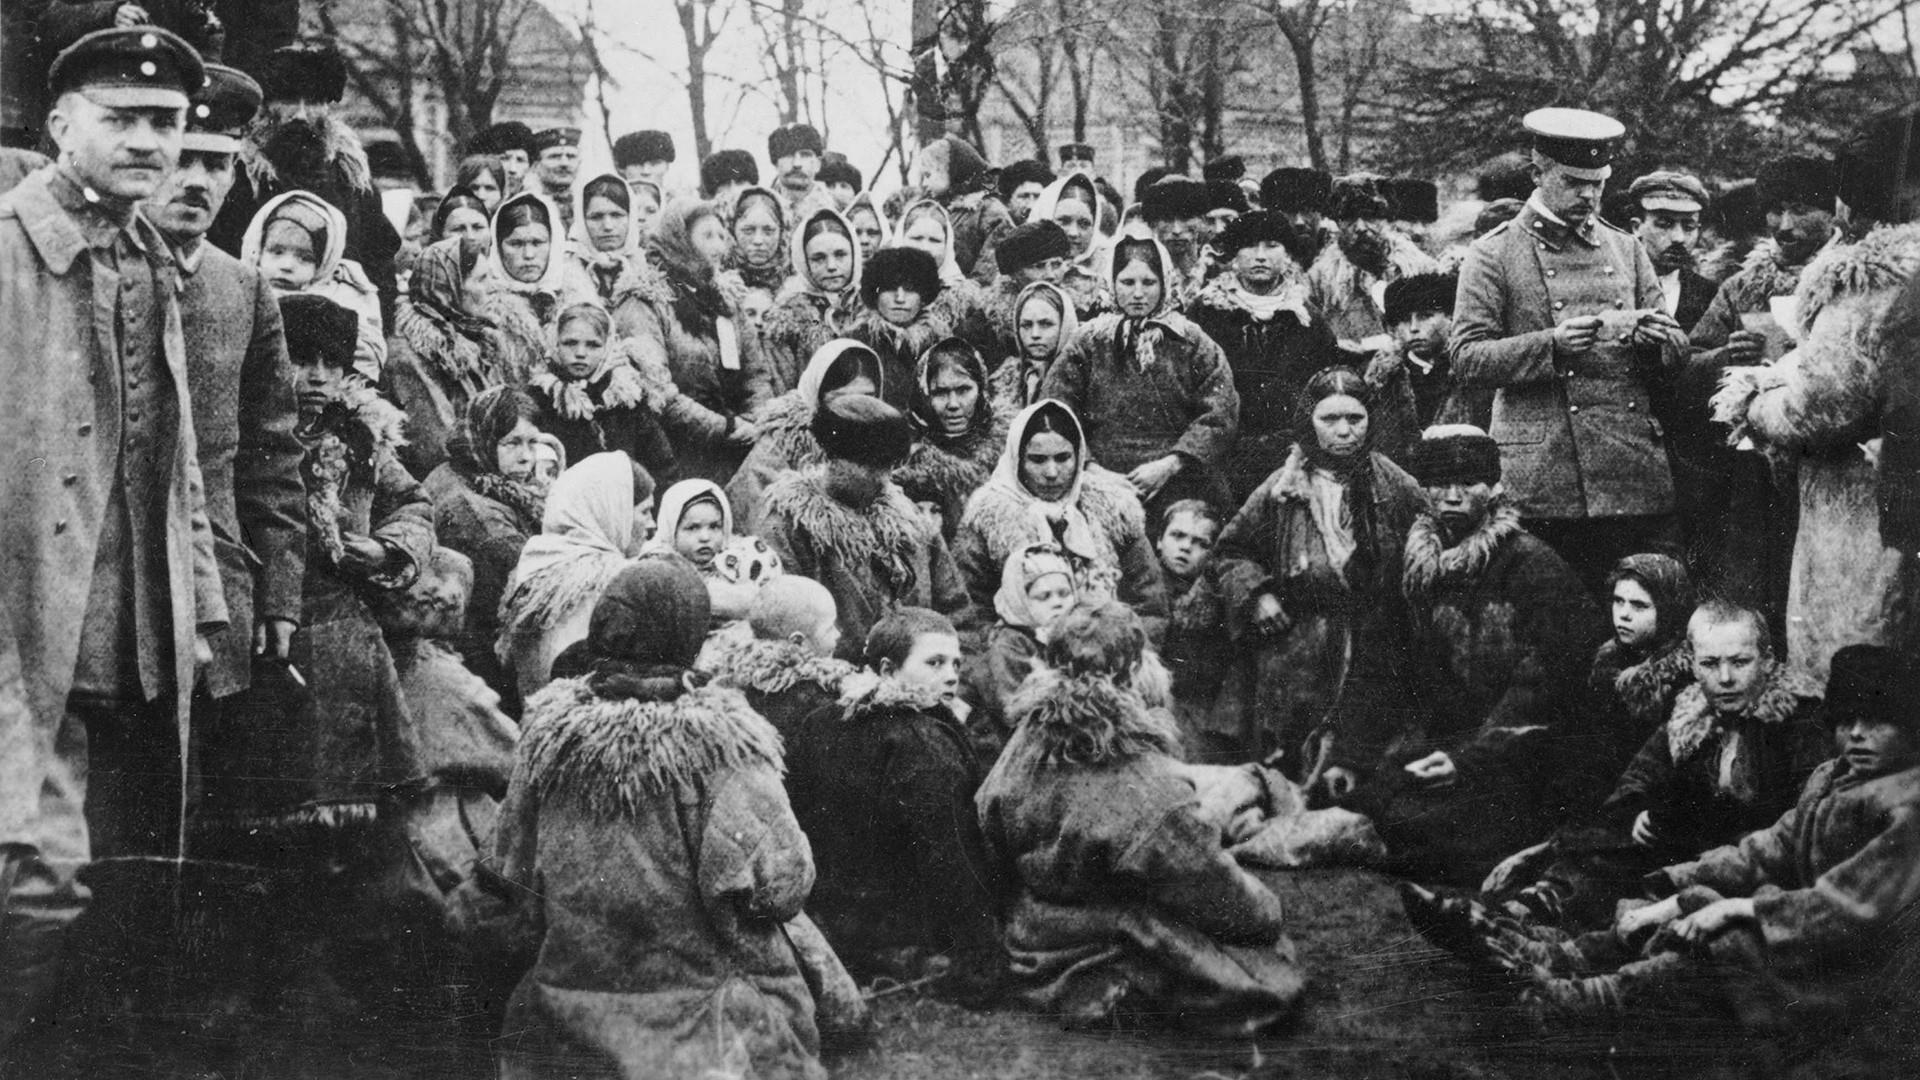 Јеврејске избеглице у Русији без крова над главом. Униформисано лице проверава њихове исправе.